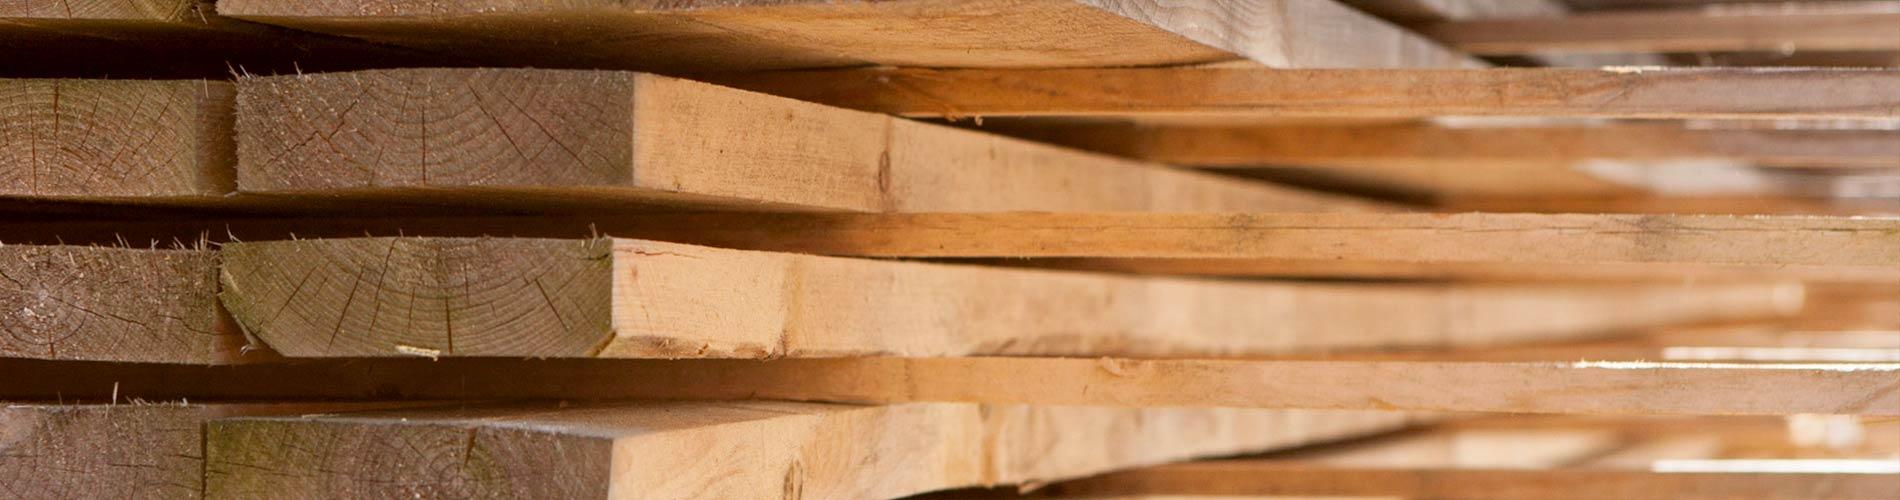 Luhmann Braunschweig Holz